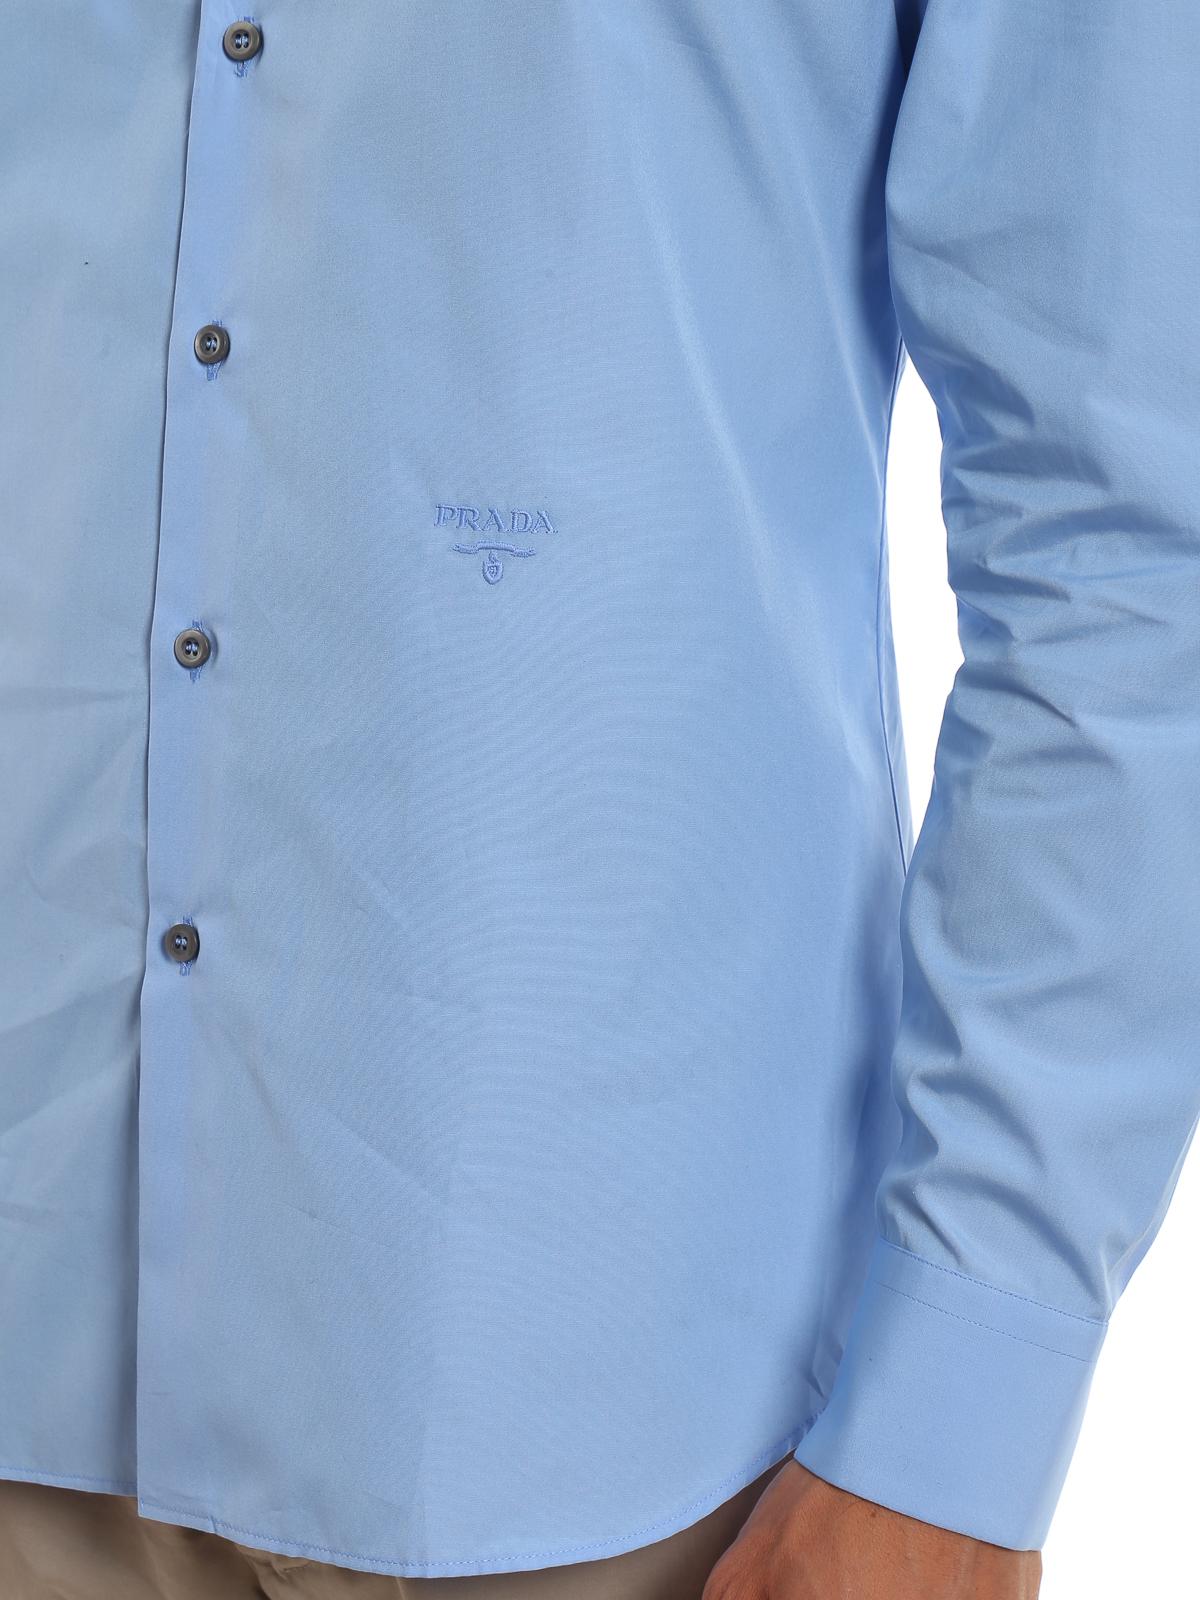 87ee13a7de Prada - Lightweight poplin sky blue shirt - shirts - UCM6081Q8T013